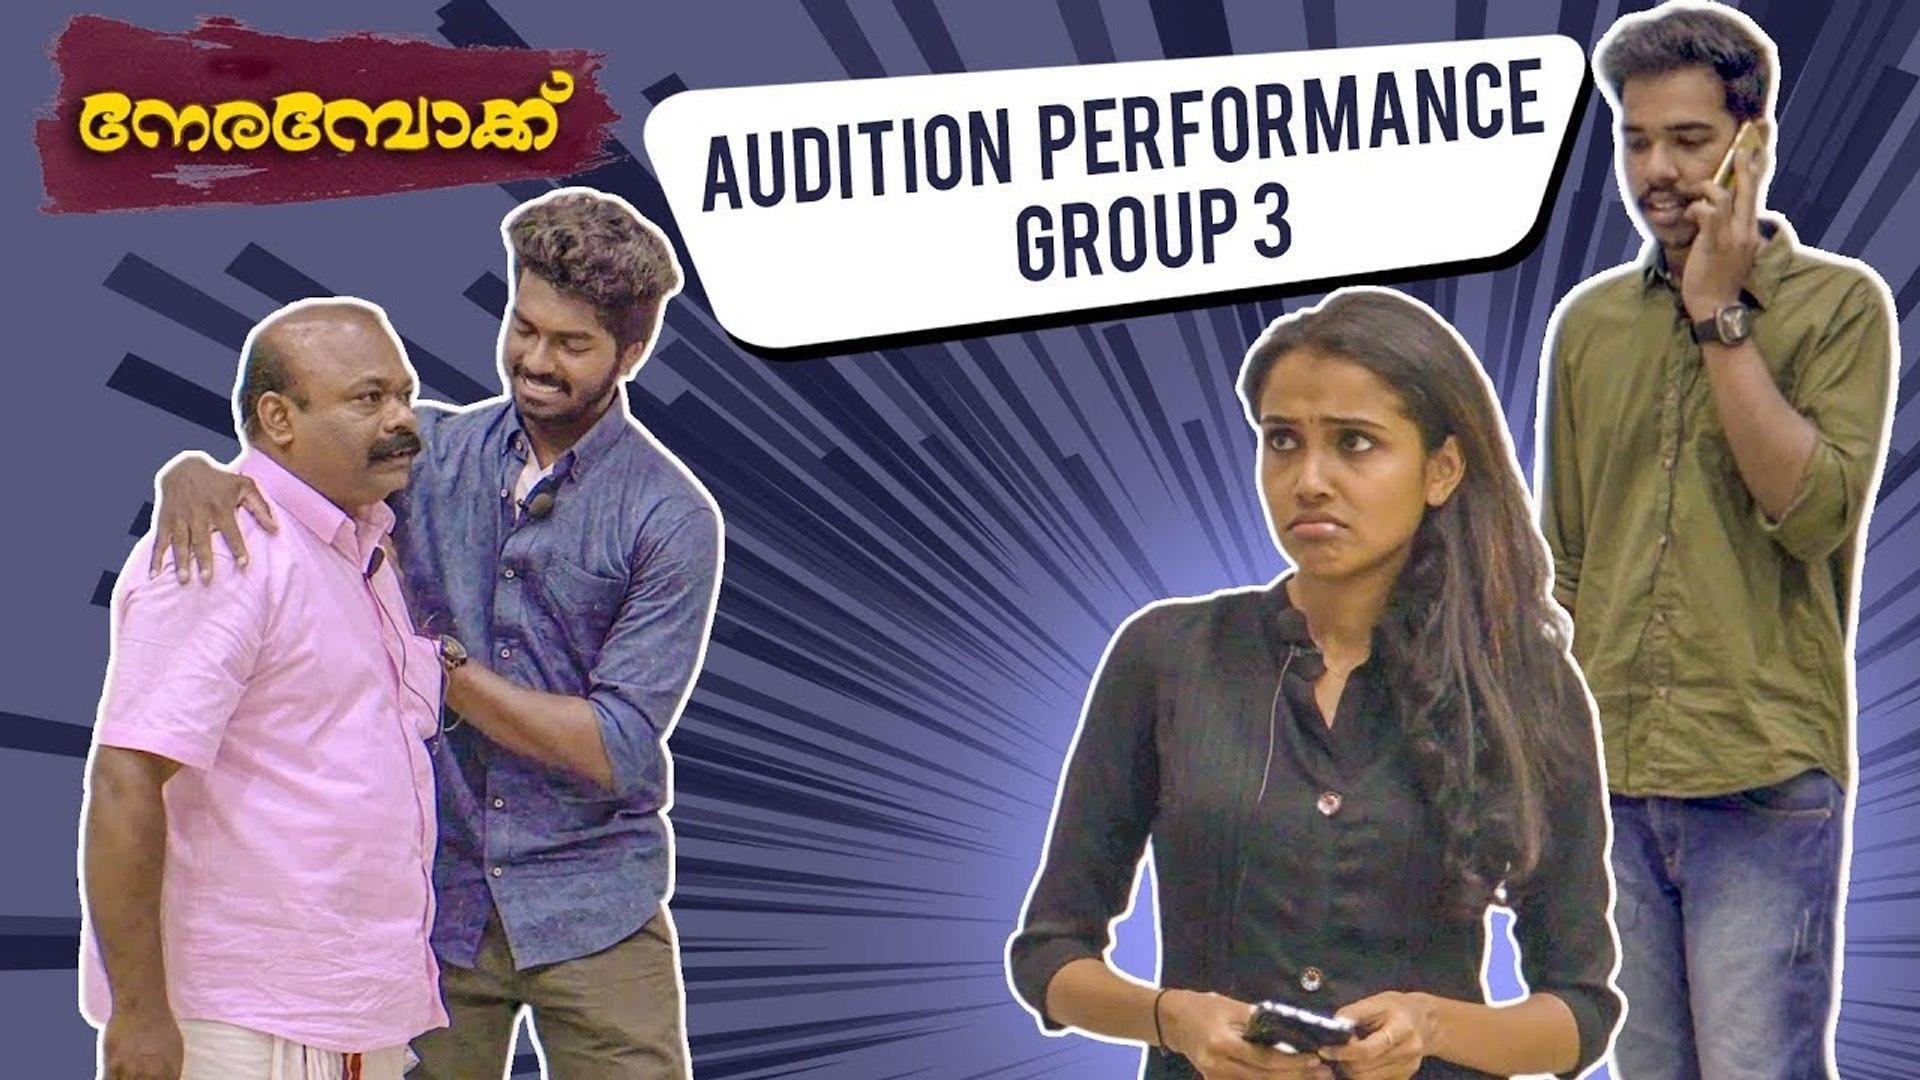 Nerambokku | Malayalam Web Series | Audition - Nerambokku Web Series - Group 3